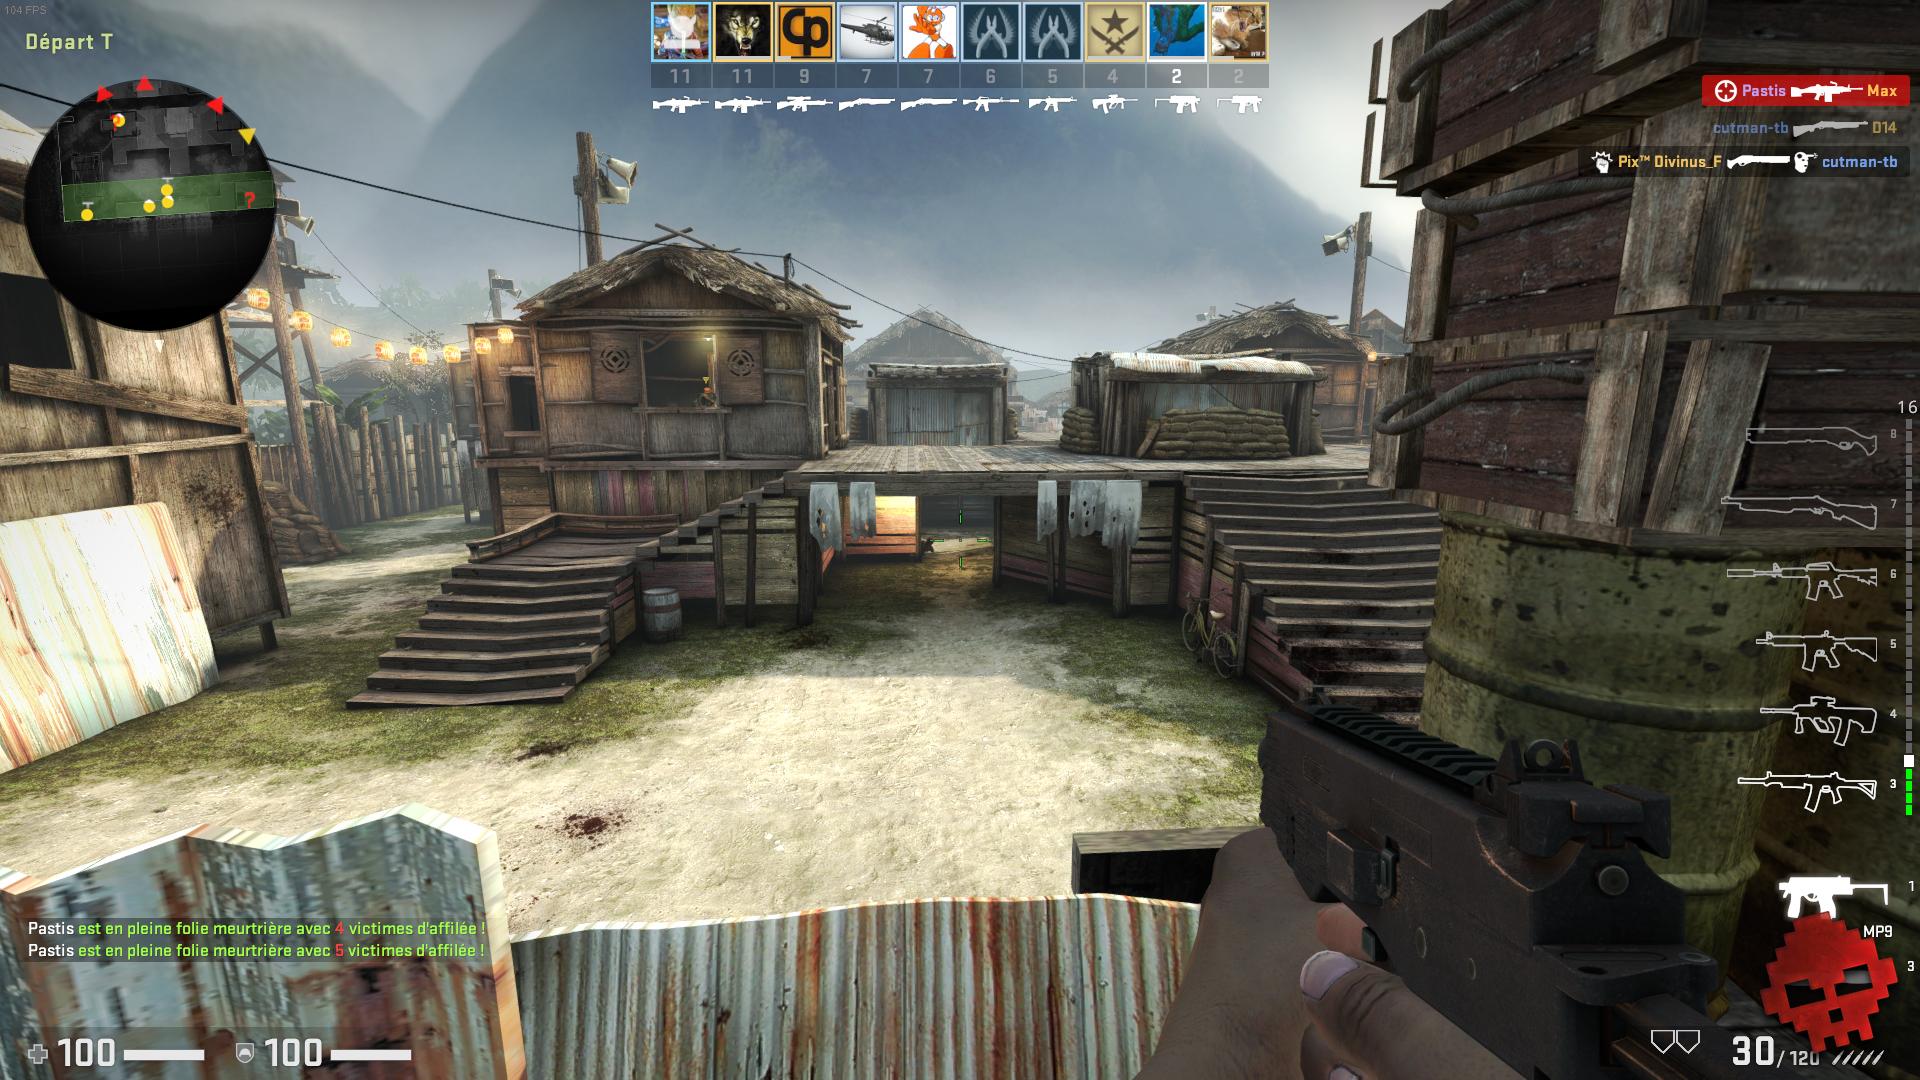 Joueur armé d'un mp7 dans les favelas